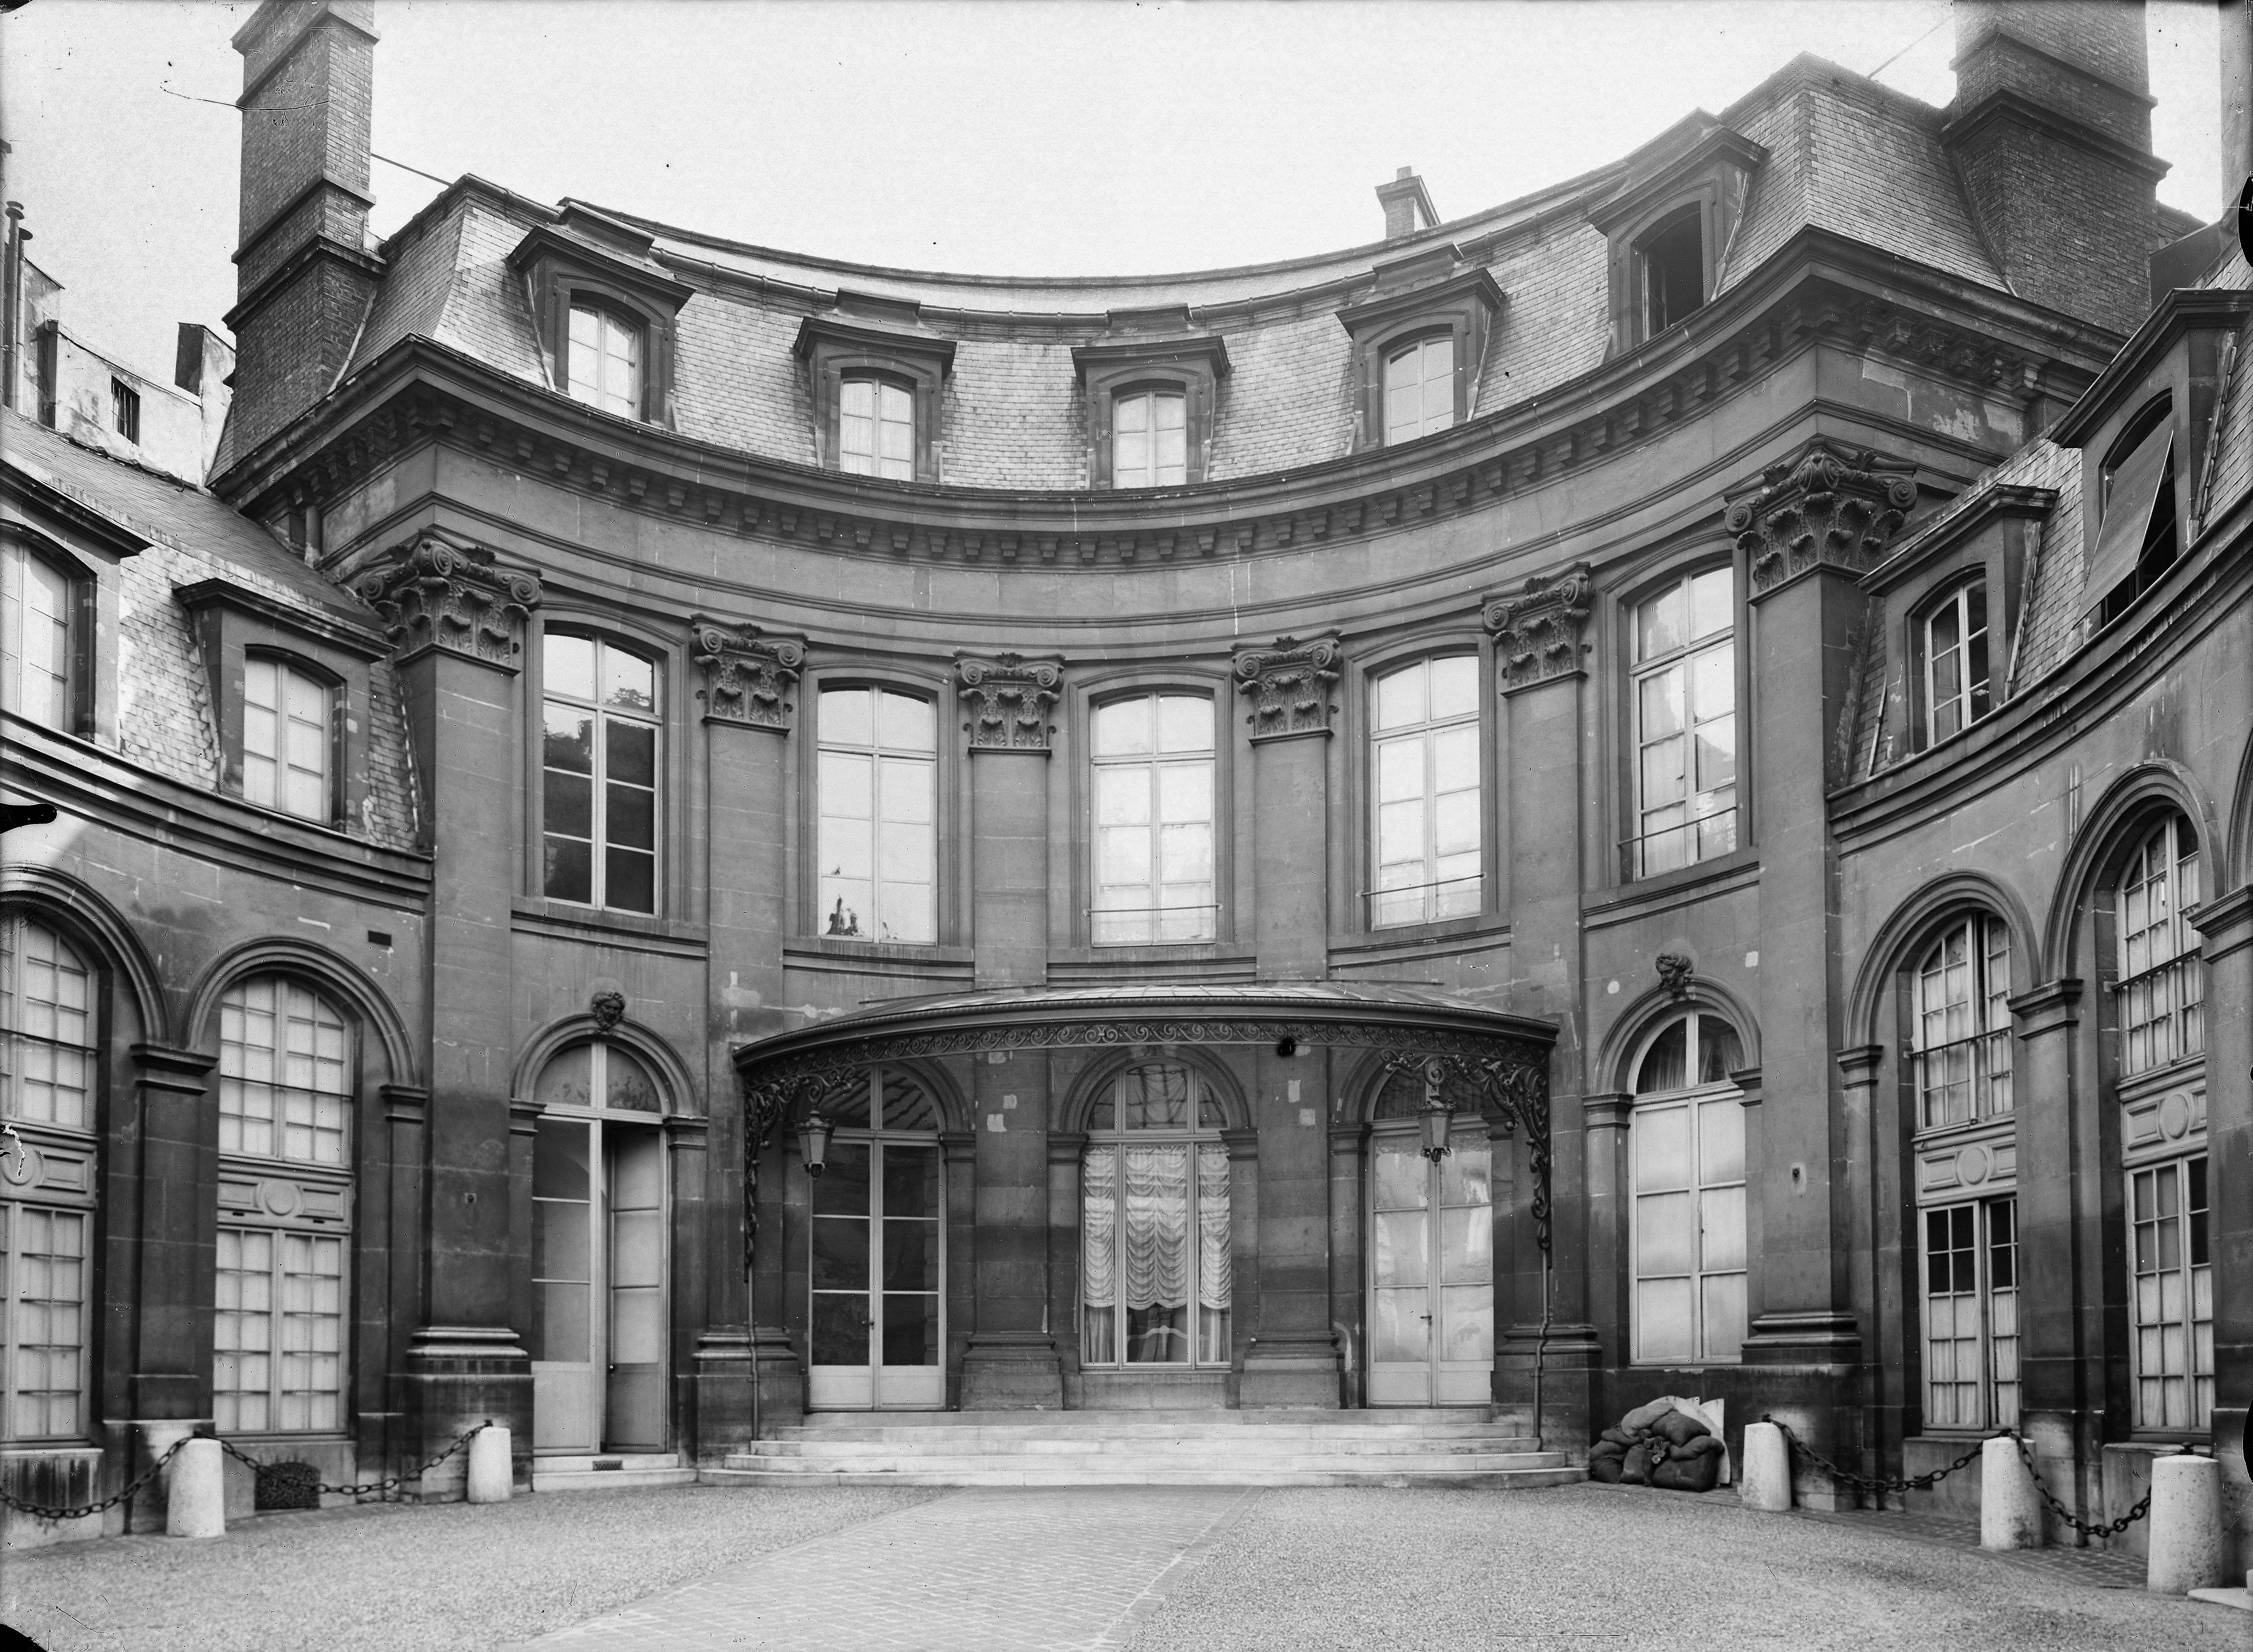 Hôtel Amelot de Gournay, 1 rue Saint-Dominique. Vue de la cour. Paris (7e arr.). Plaque de verre, 18 x 24 cm, 1918.